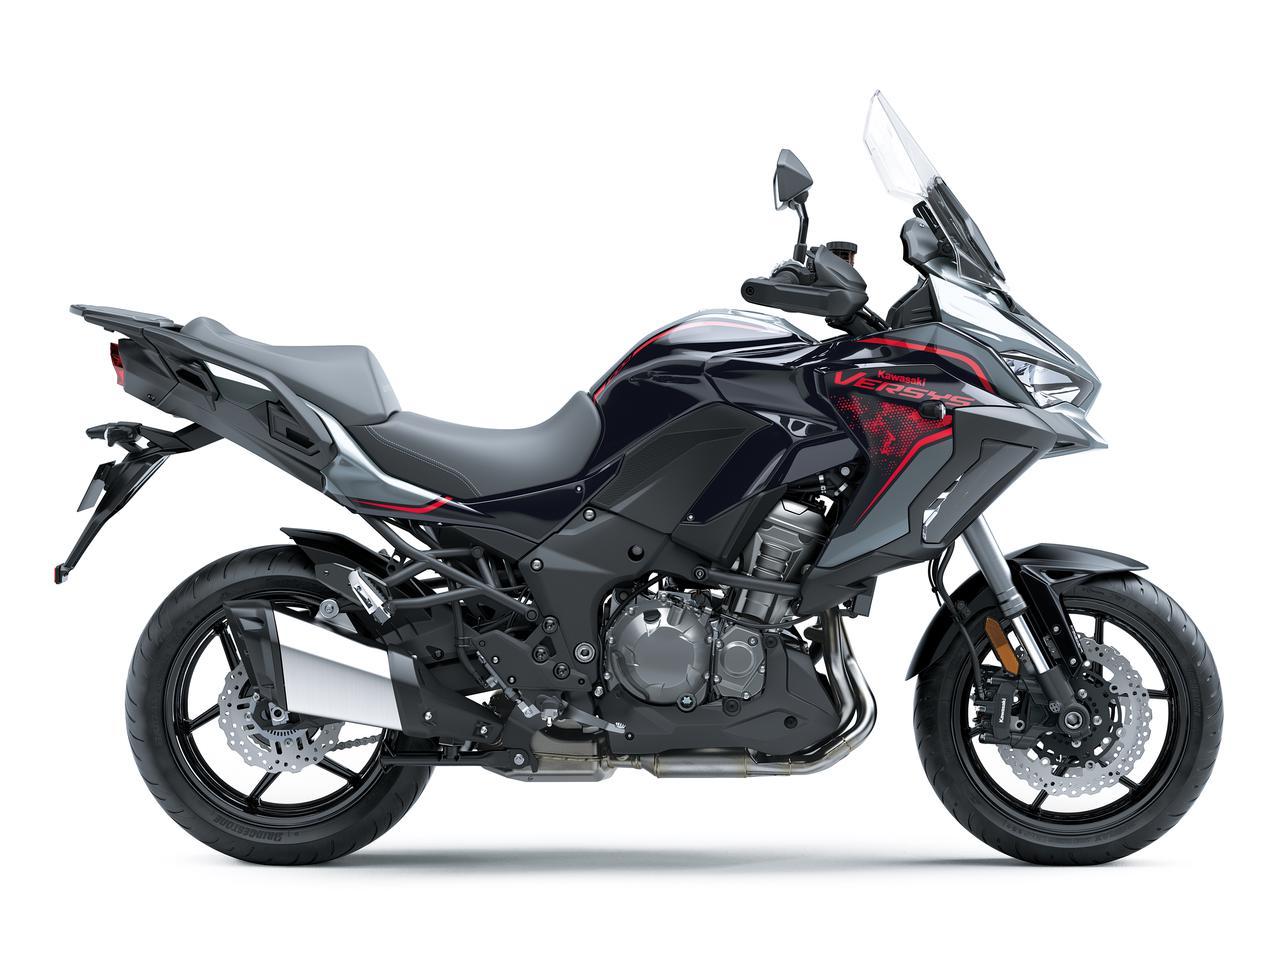 Images : 5番目の画像 - 写真をもっと見る! カワサキ「ヴェルシス1000SE」(2021年モデル・欧州仕様車) - LAWRENCE - Motorcycle x Cars + α = Your Life.